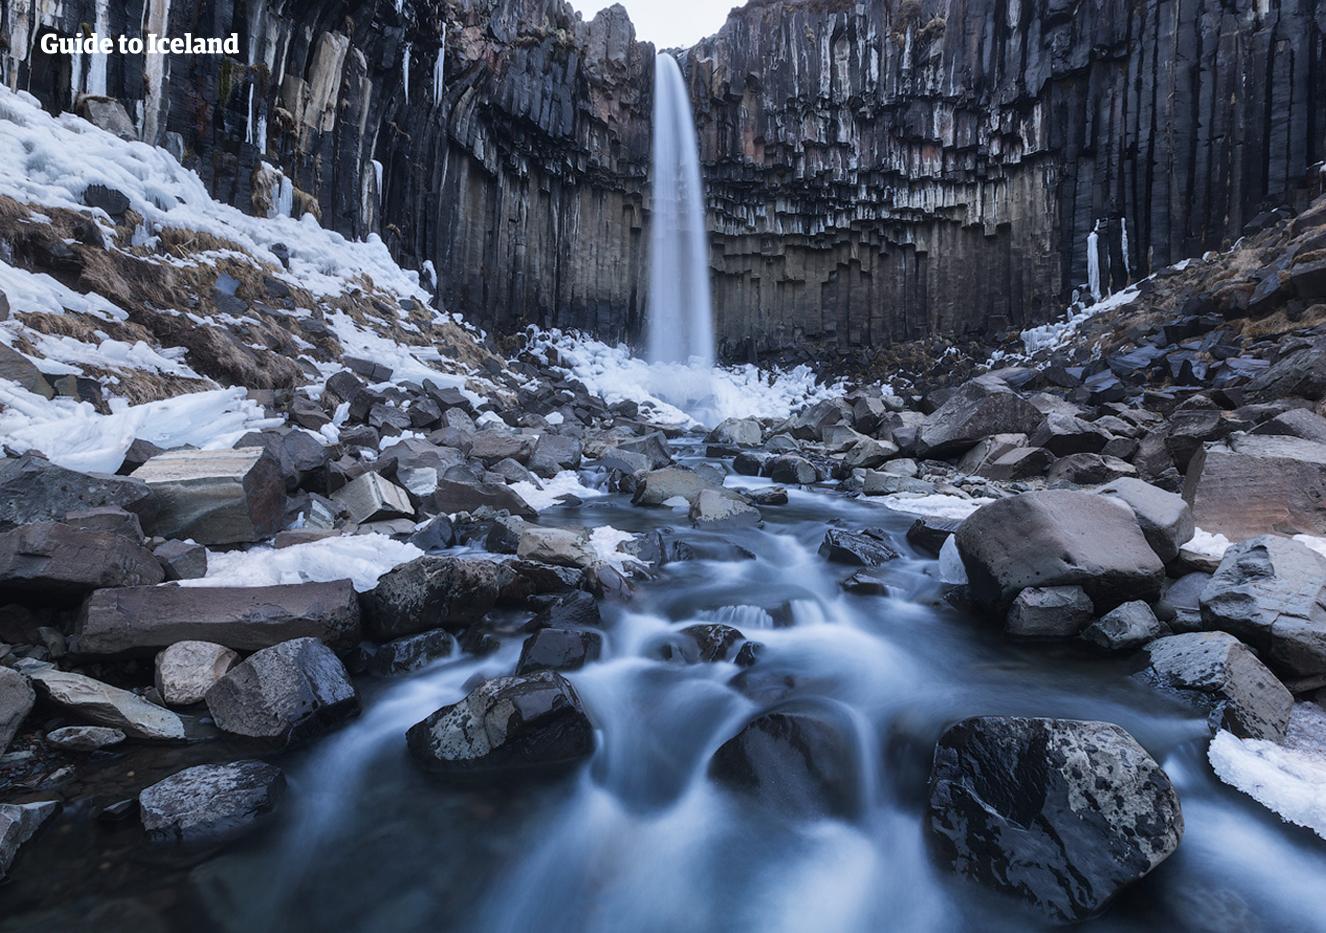 Двухнедельное зимнее путешествие вокруг Исландии - day 11